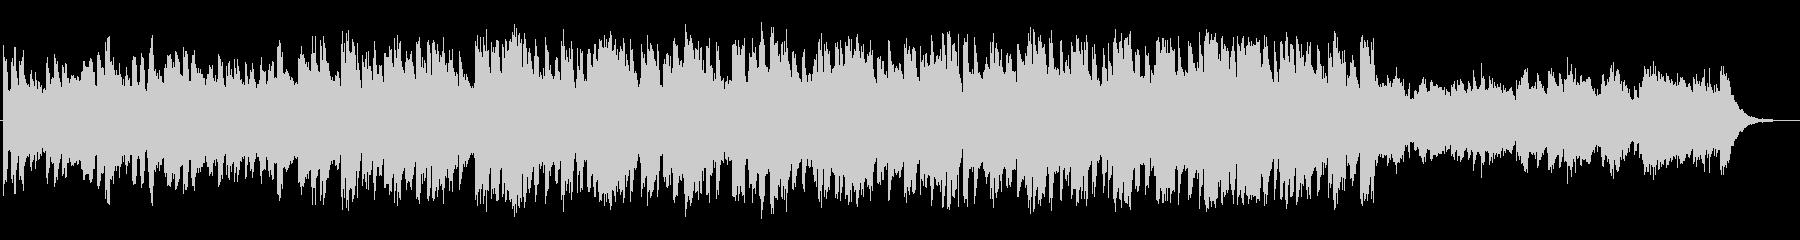 涼しげなピアノの映画BGMの未再生の波形